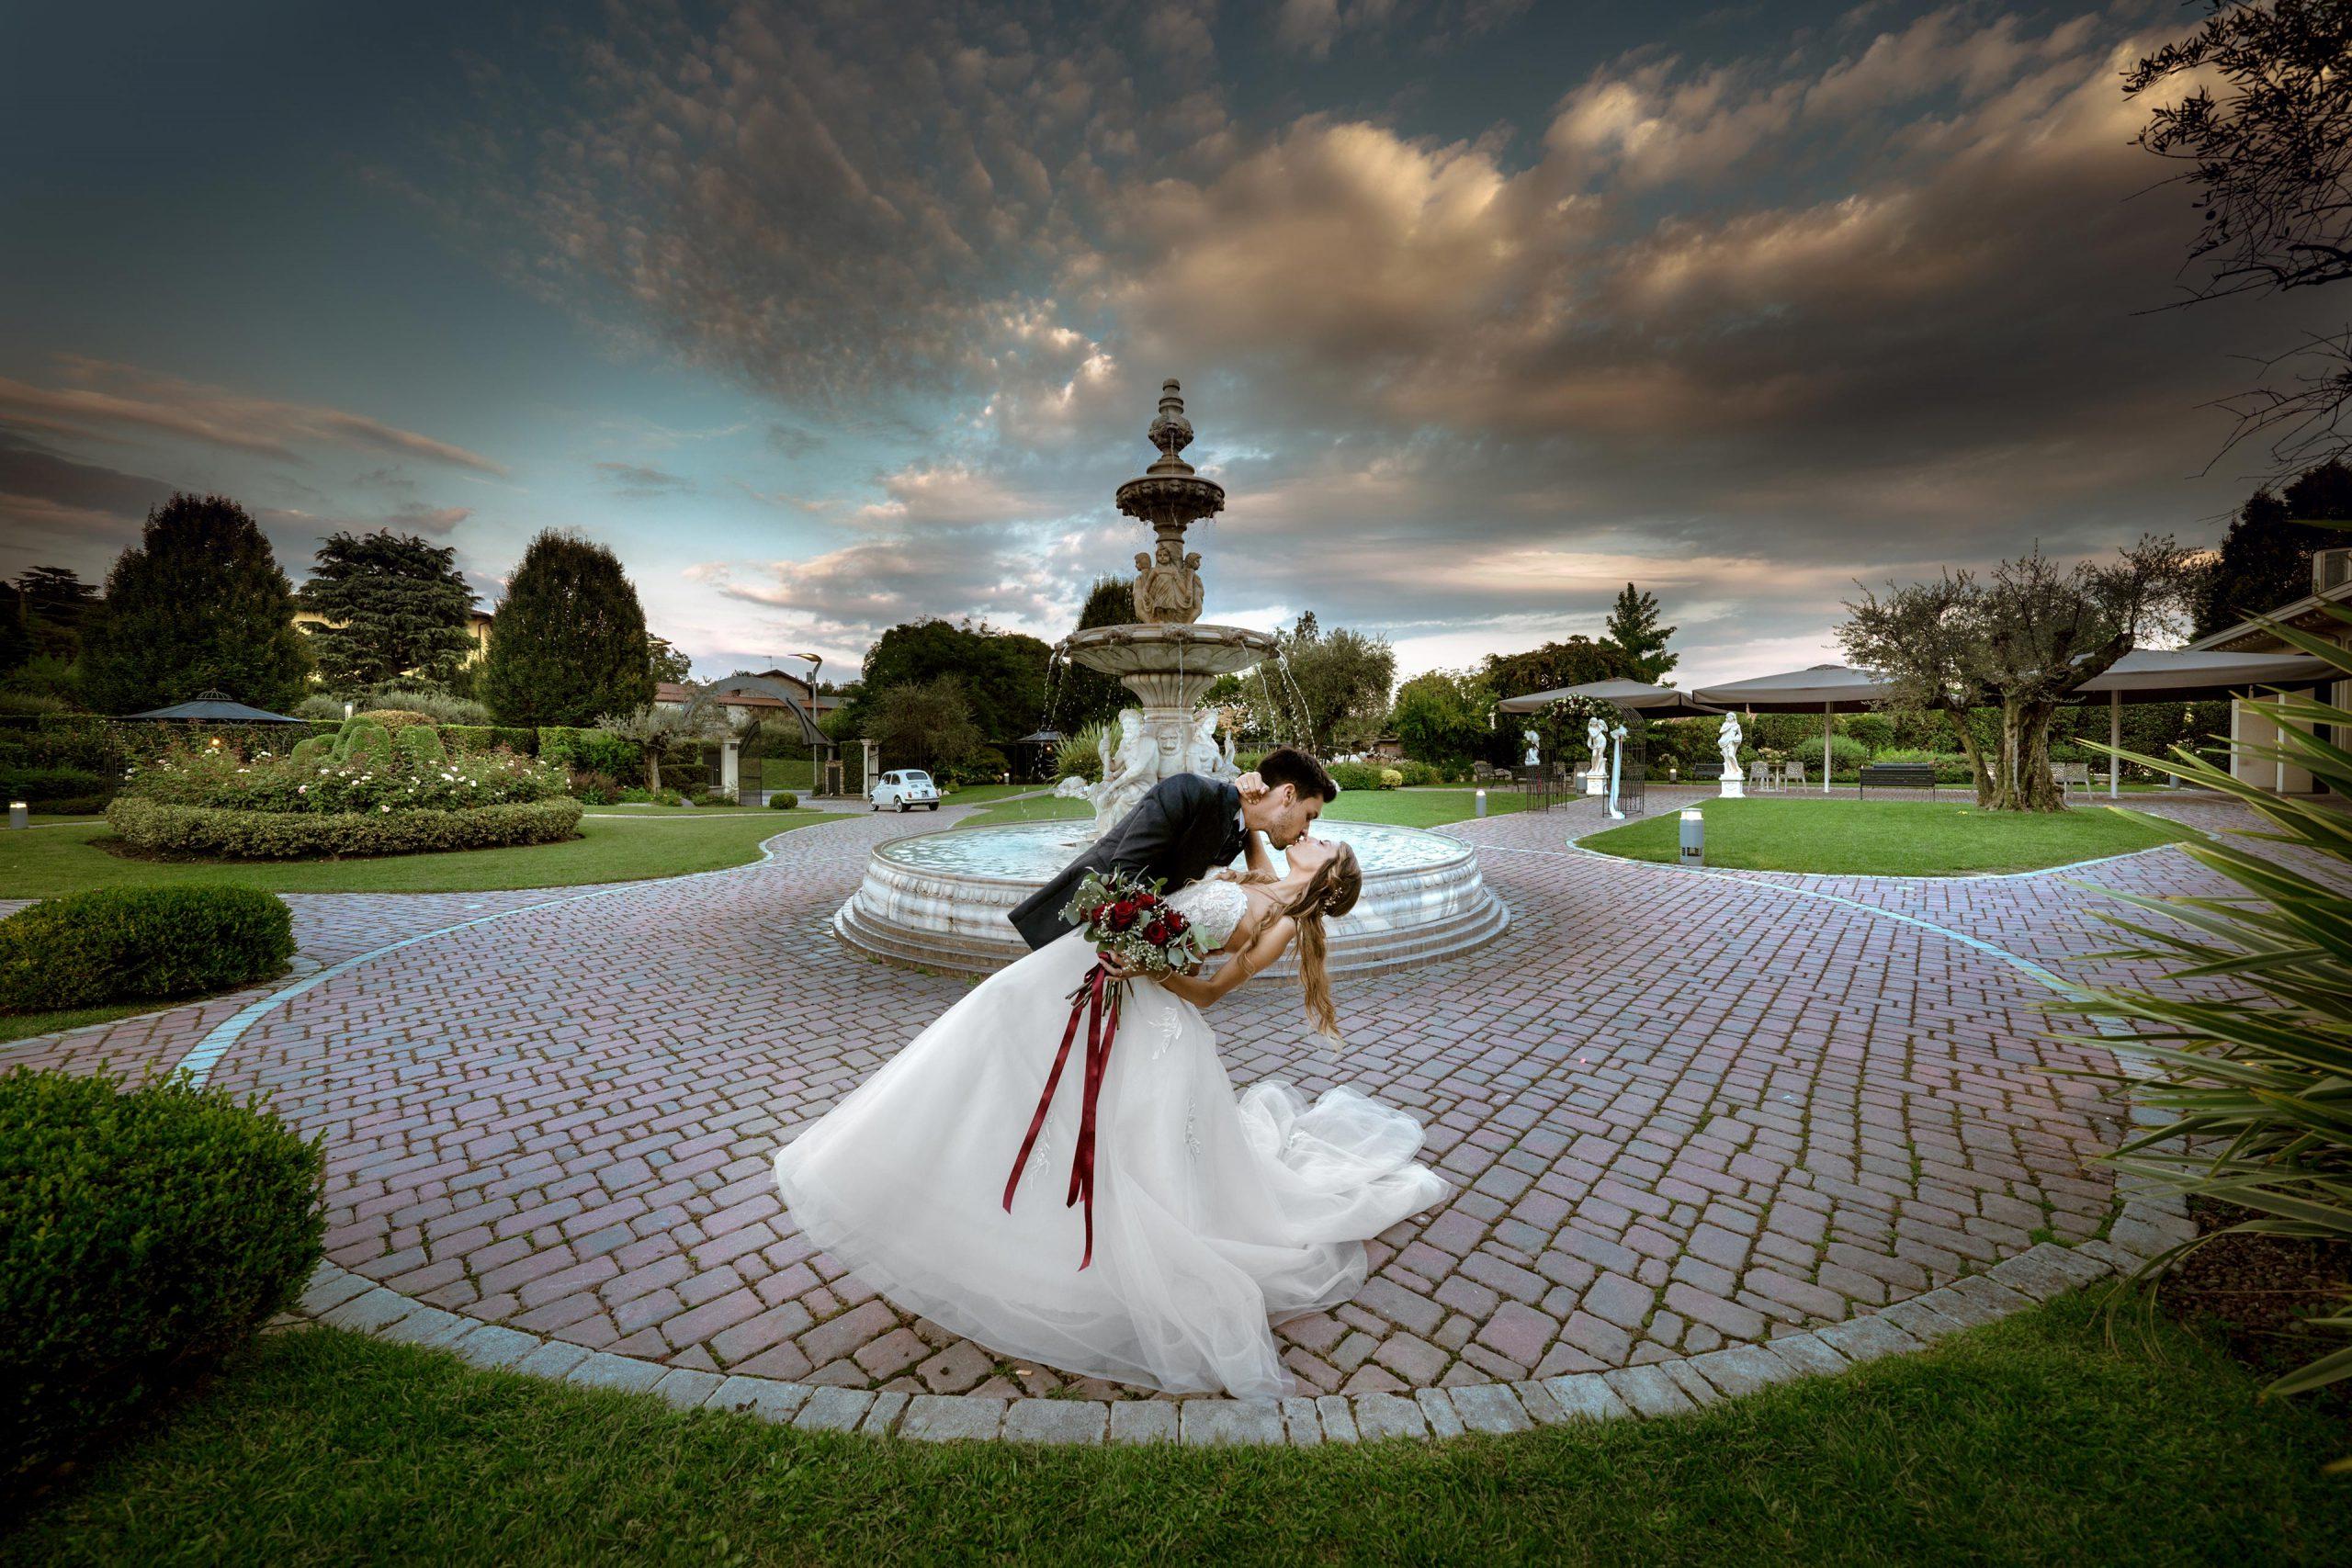 038 foto matrimonio ritratto sposi brescia erbusco ristorante pio nono